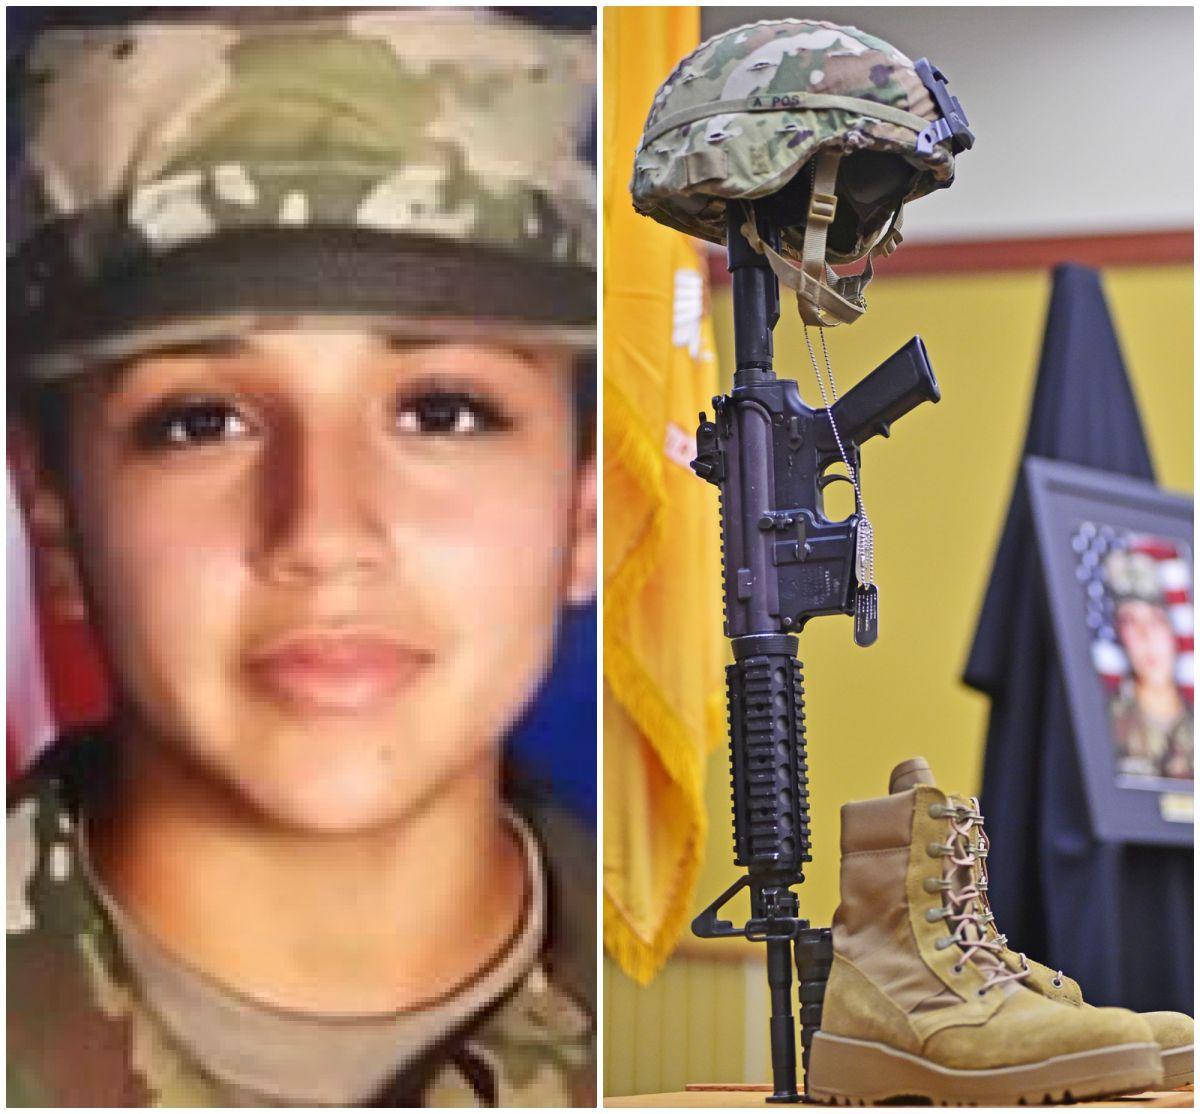 Vanessa Guillén fue asesinada en la base militar Fort Hood el 22 de abril pasado.